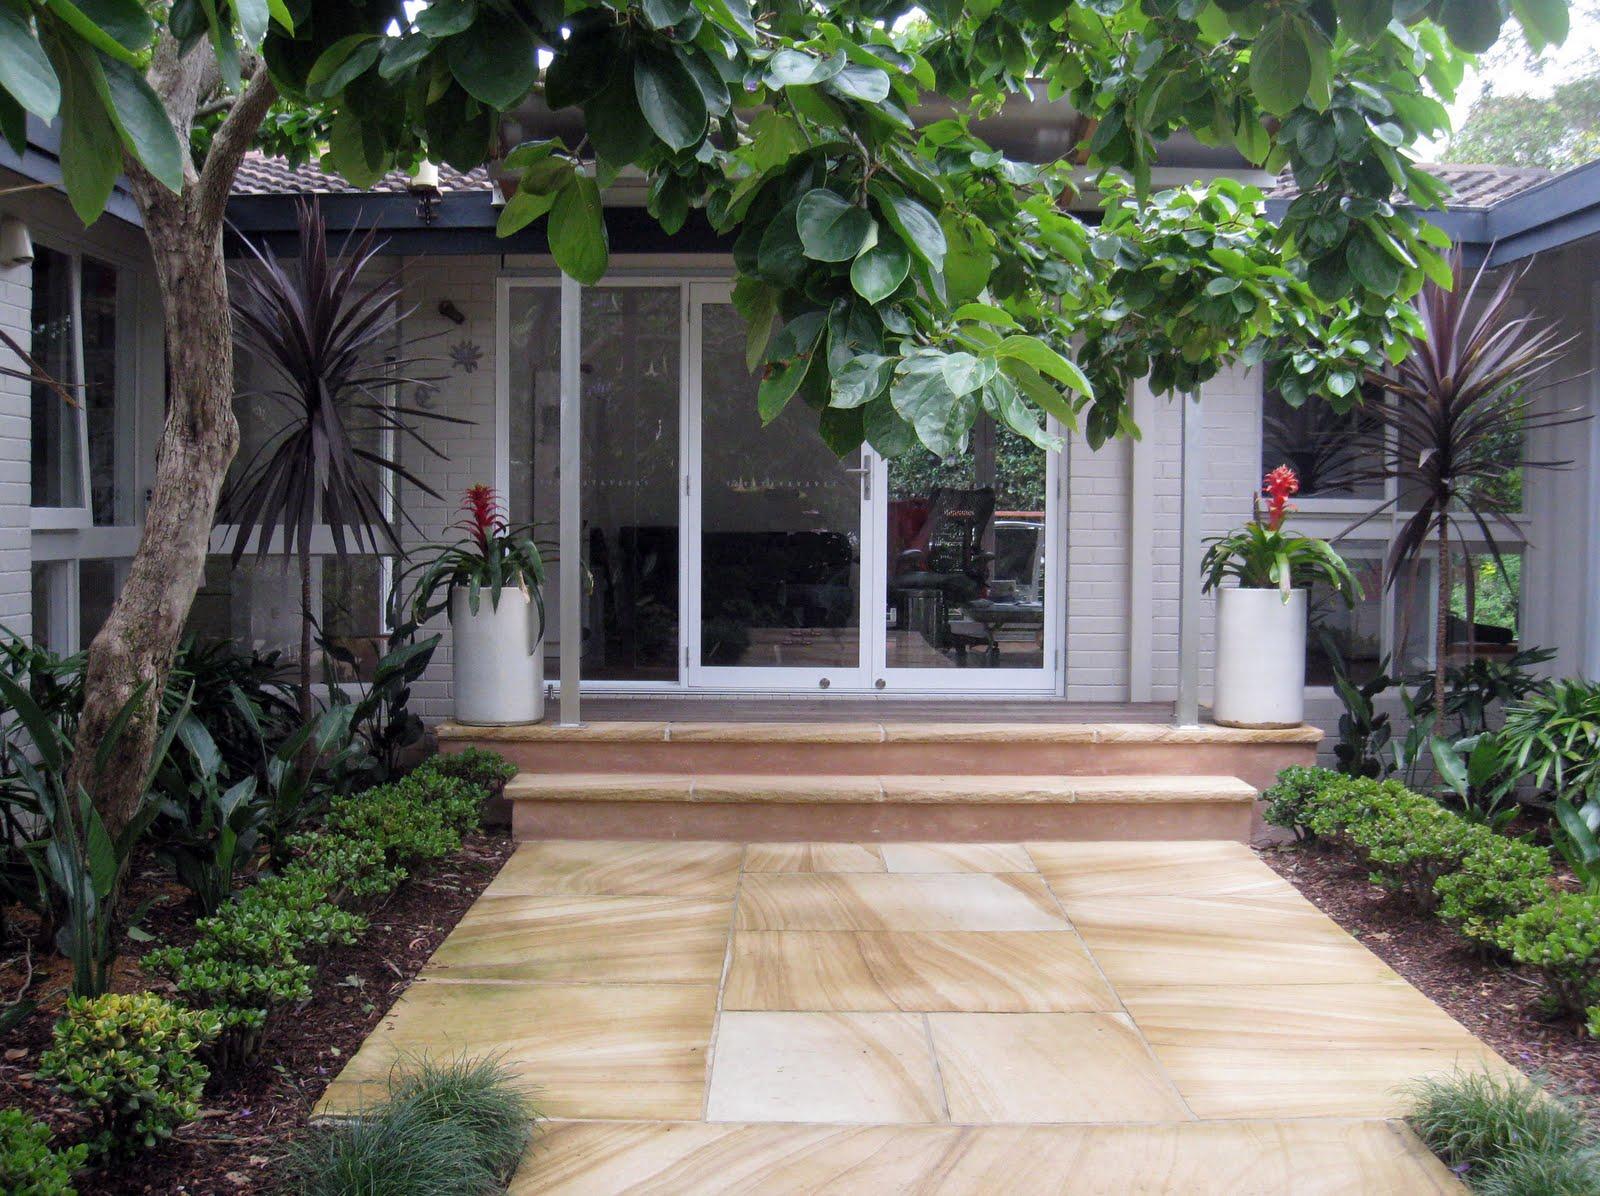 Garden Entrance Design Ideas | House Beautiful Design